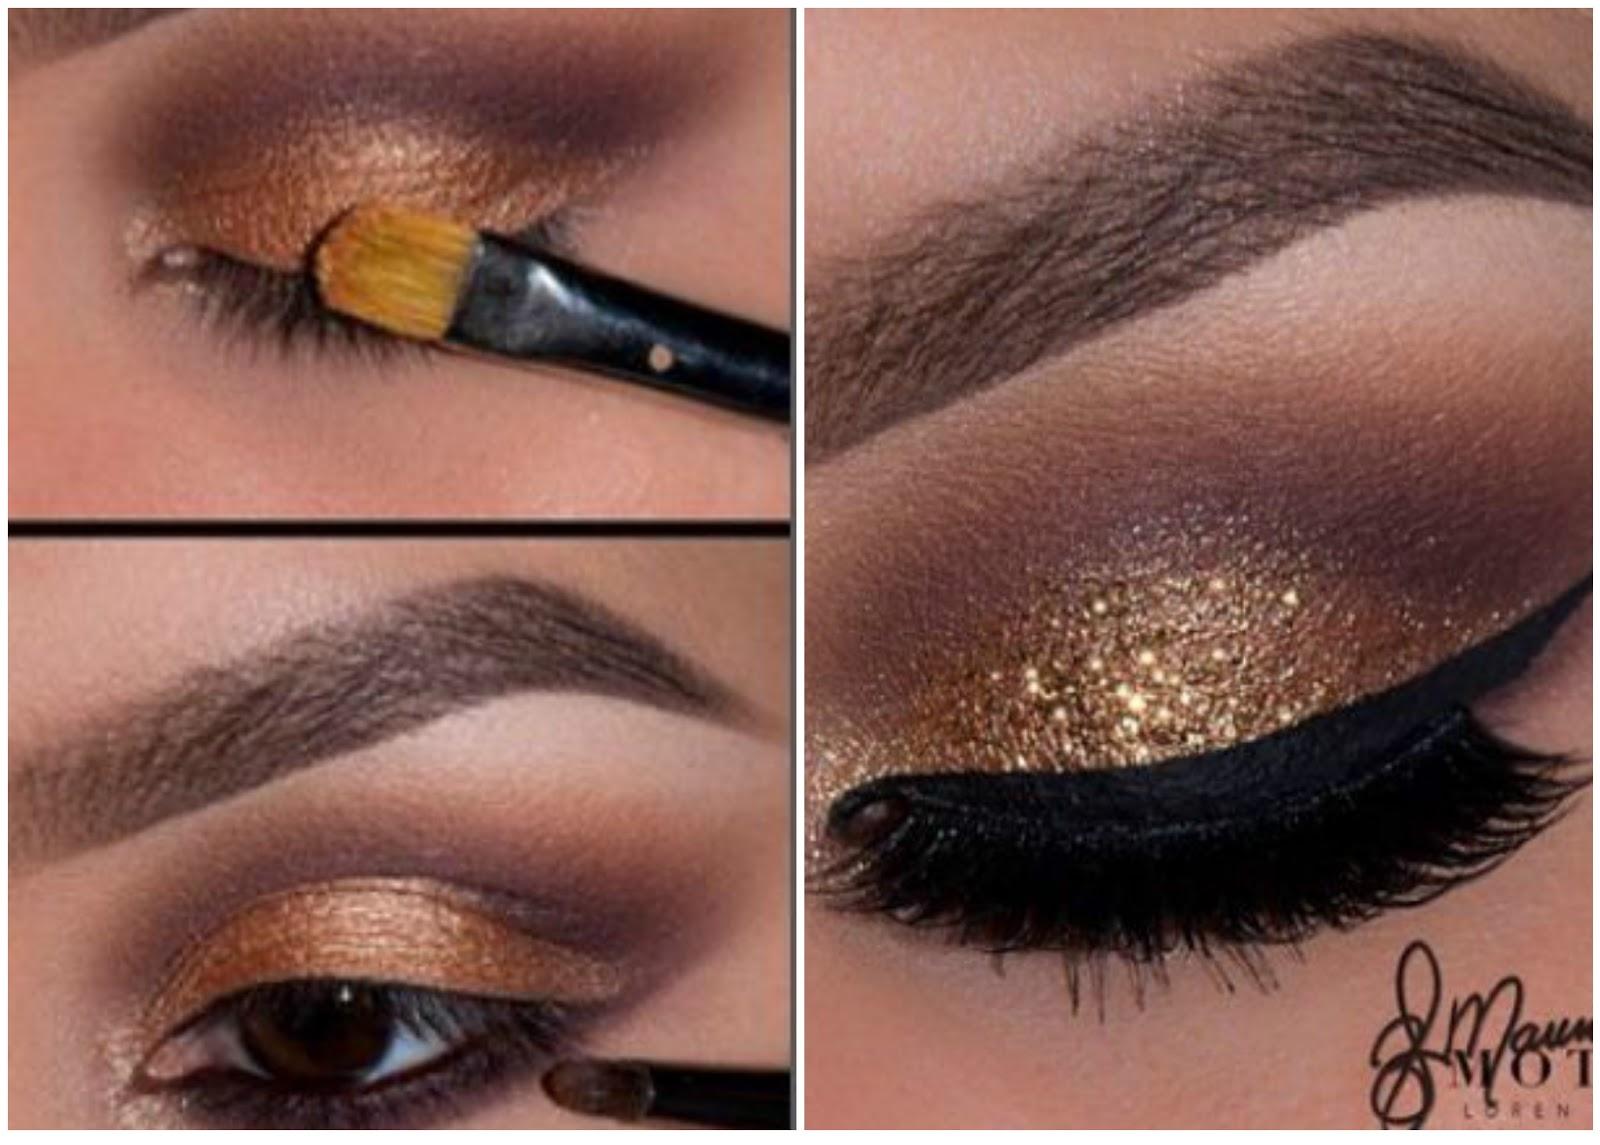 Cómo maquillar las cejas paso a paso  Haz clic aquí